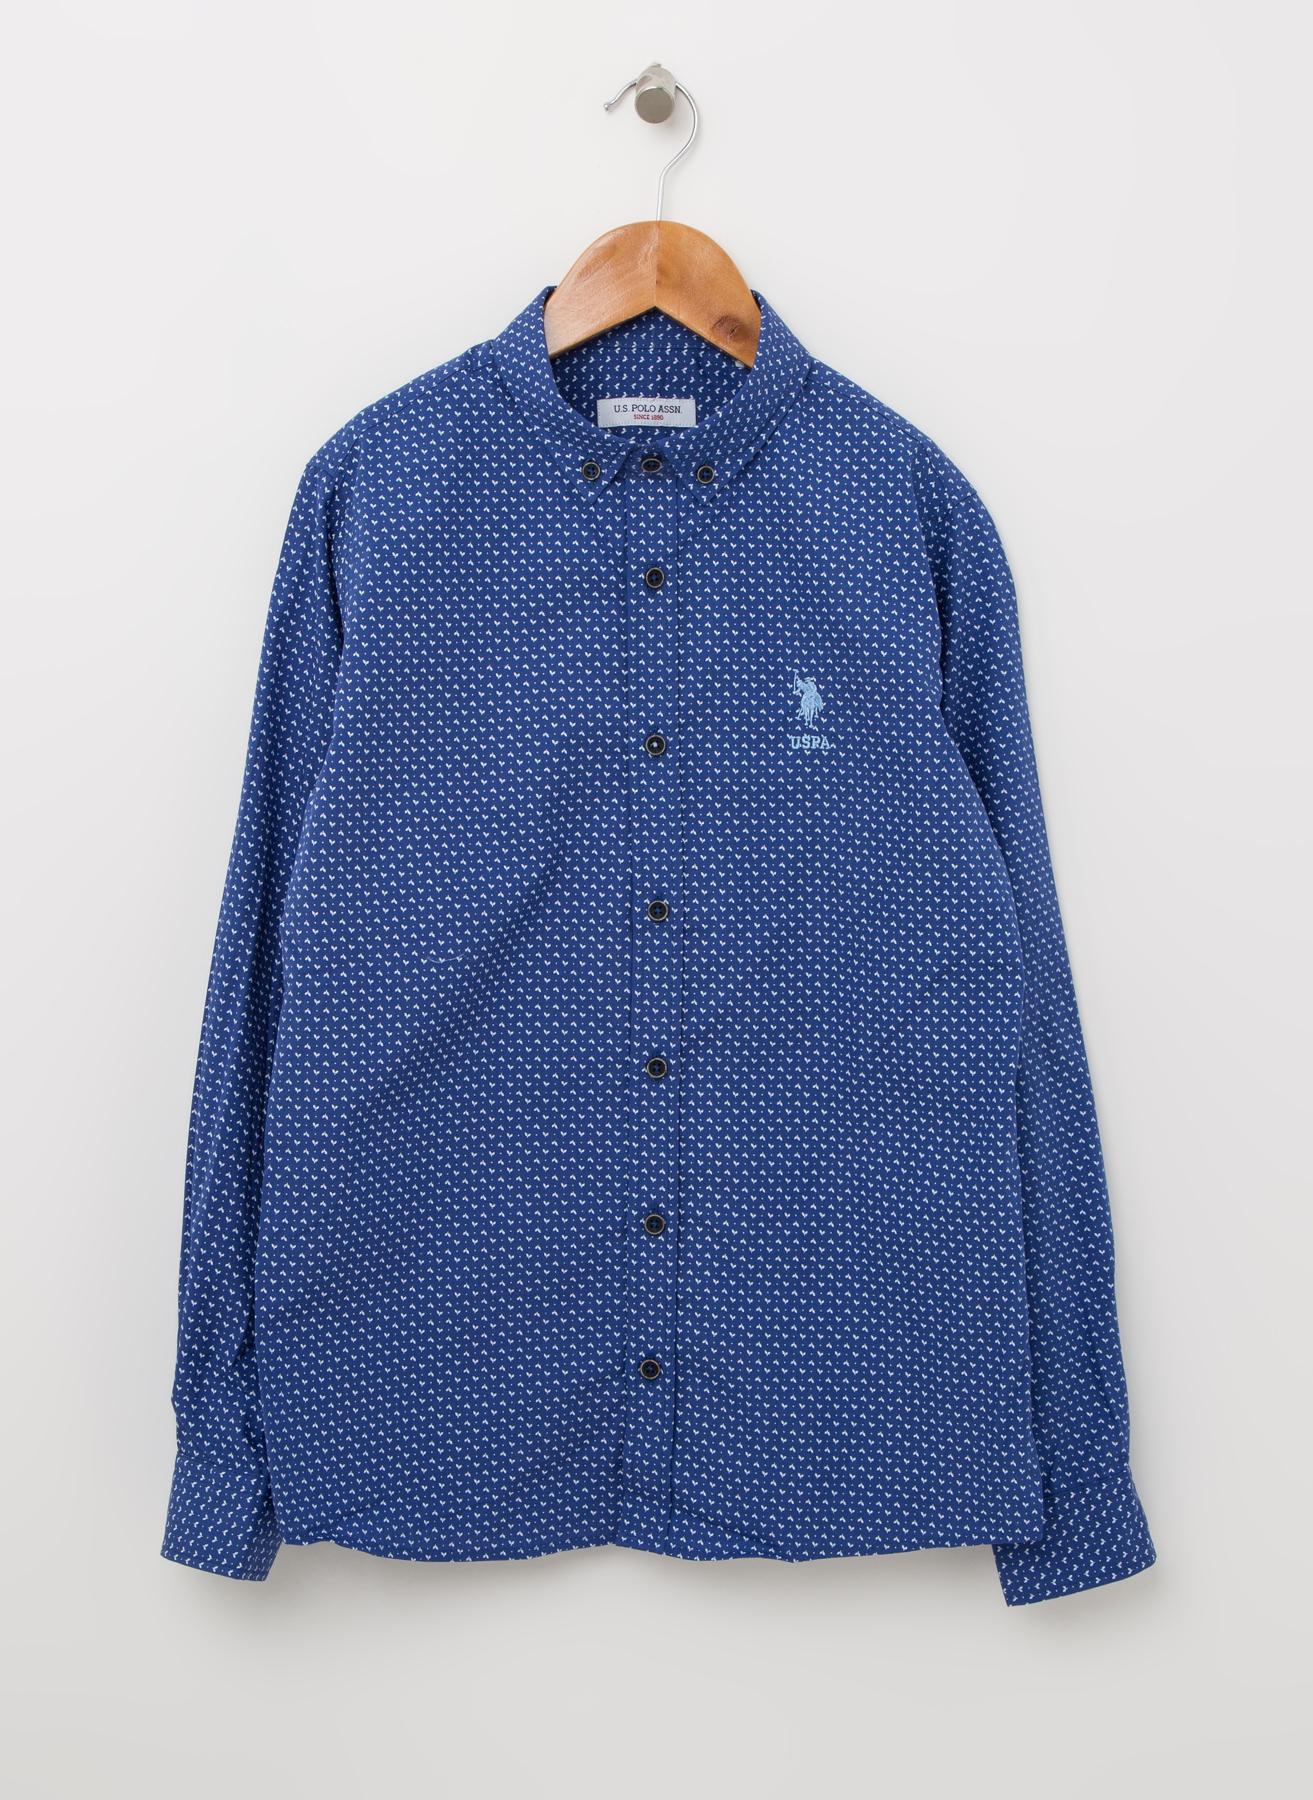 U.S. Polo Assn. Desenli Mavi Gömlek 13 Yaş 5001823832003 Ürün Resmi